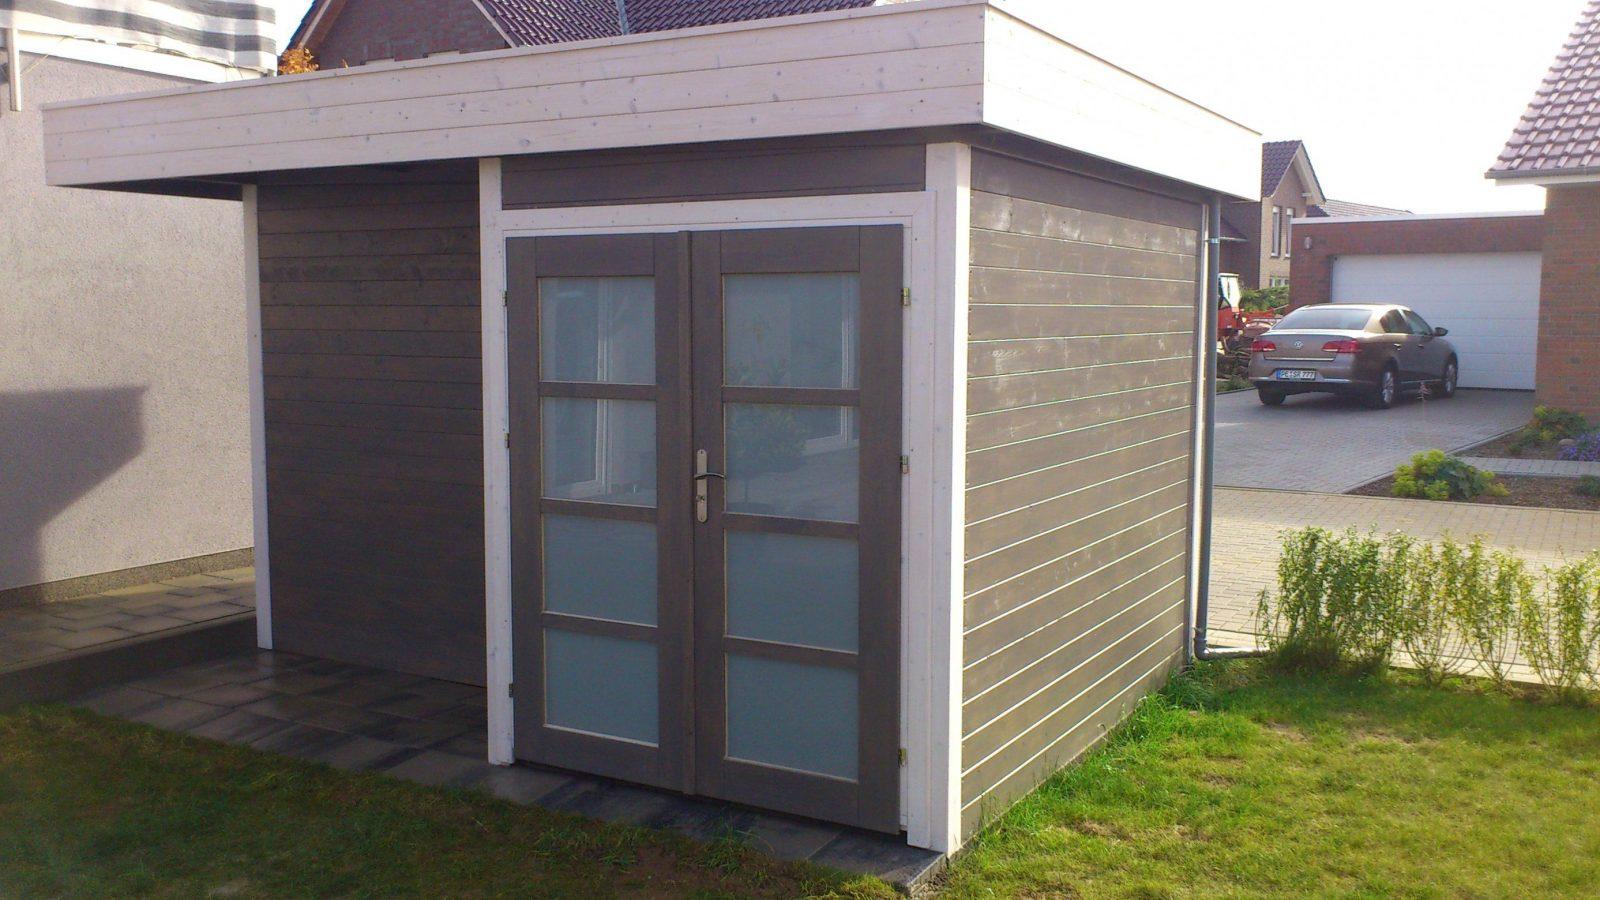 Gartenhaus Bauen Ob Modern Mit Pultdach Oder Flachdach Avec Modernes von Pultdach Garage Selber Bauen Photo